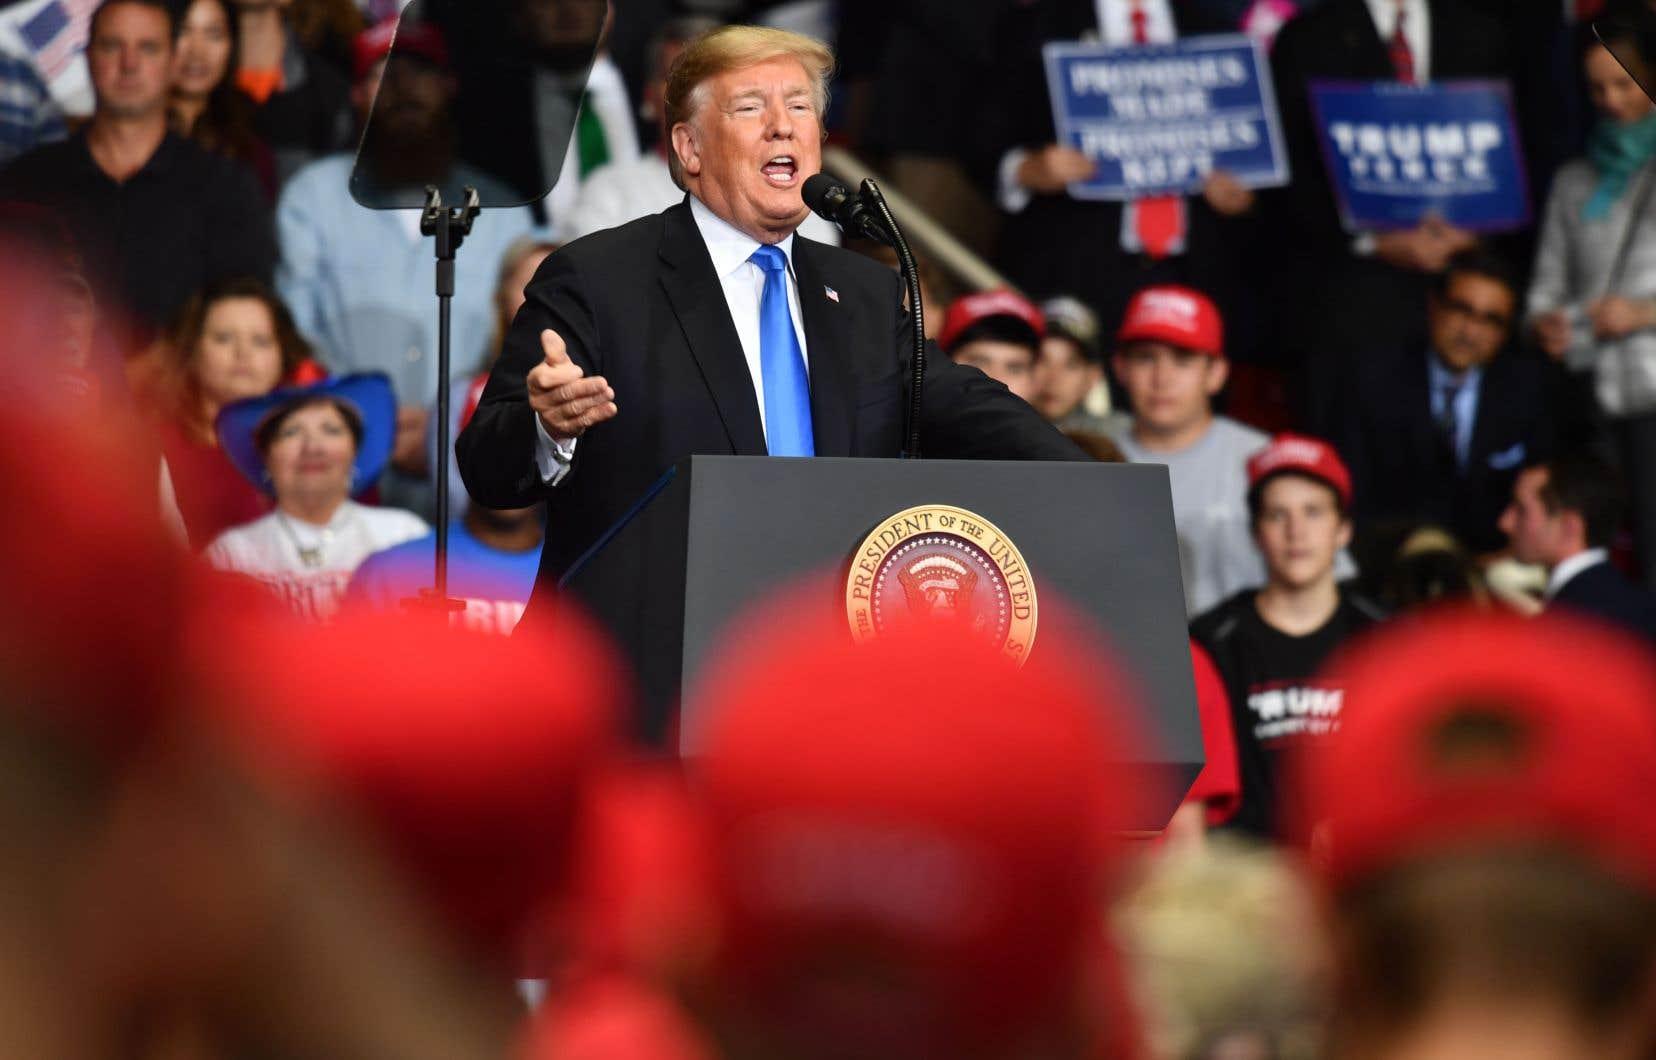 Le président Donald Trump lors d'un rassemblement Make America Great Again à Charlotte, en Caroline du Nord